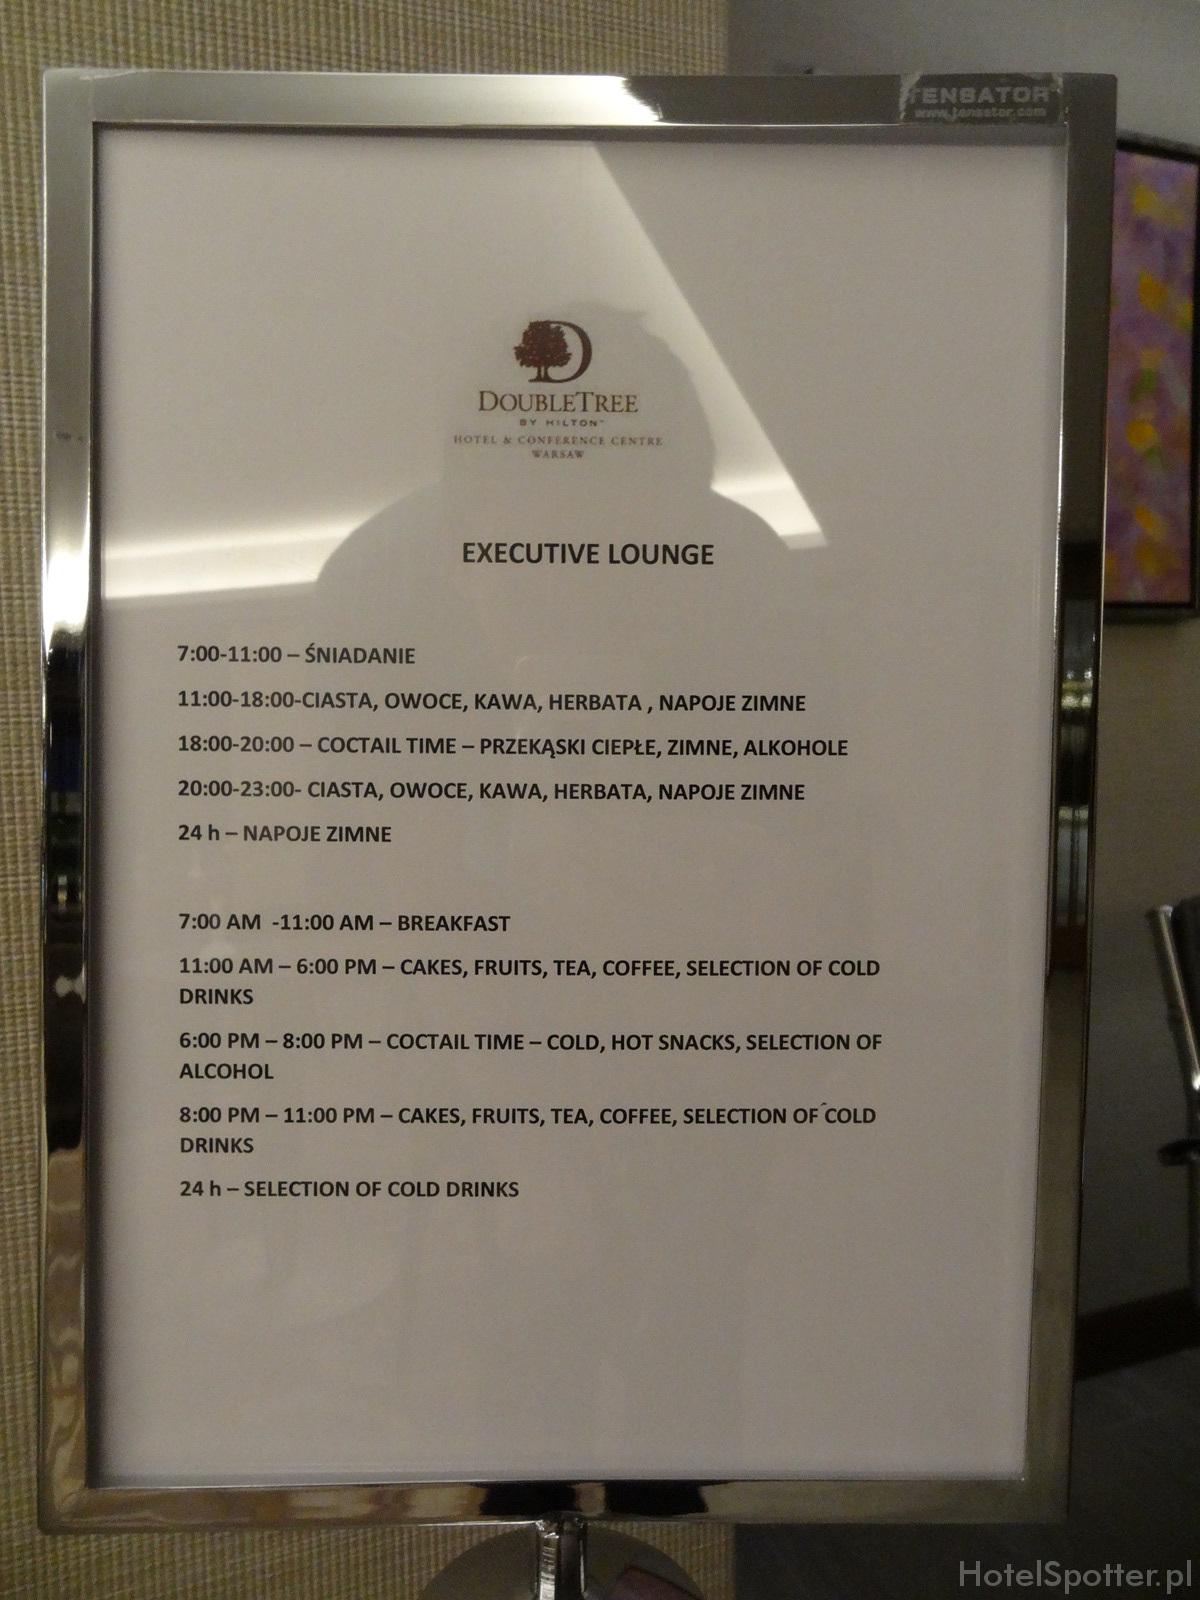 Salonik Executive Lounge w DoubleTree by Hilton Warsaw - rozpiska godzinowa